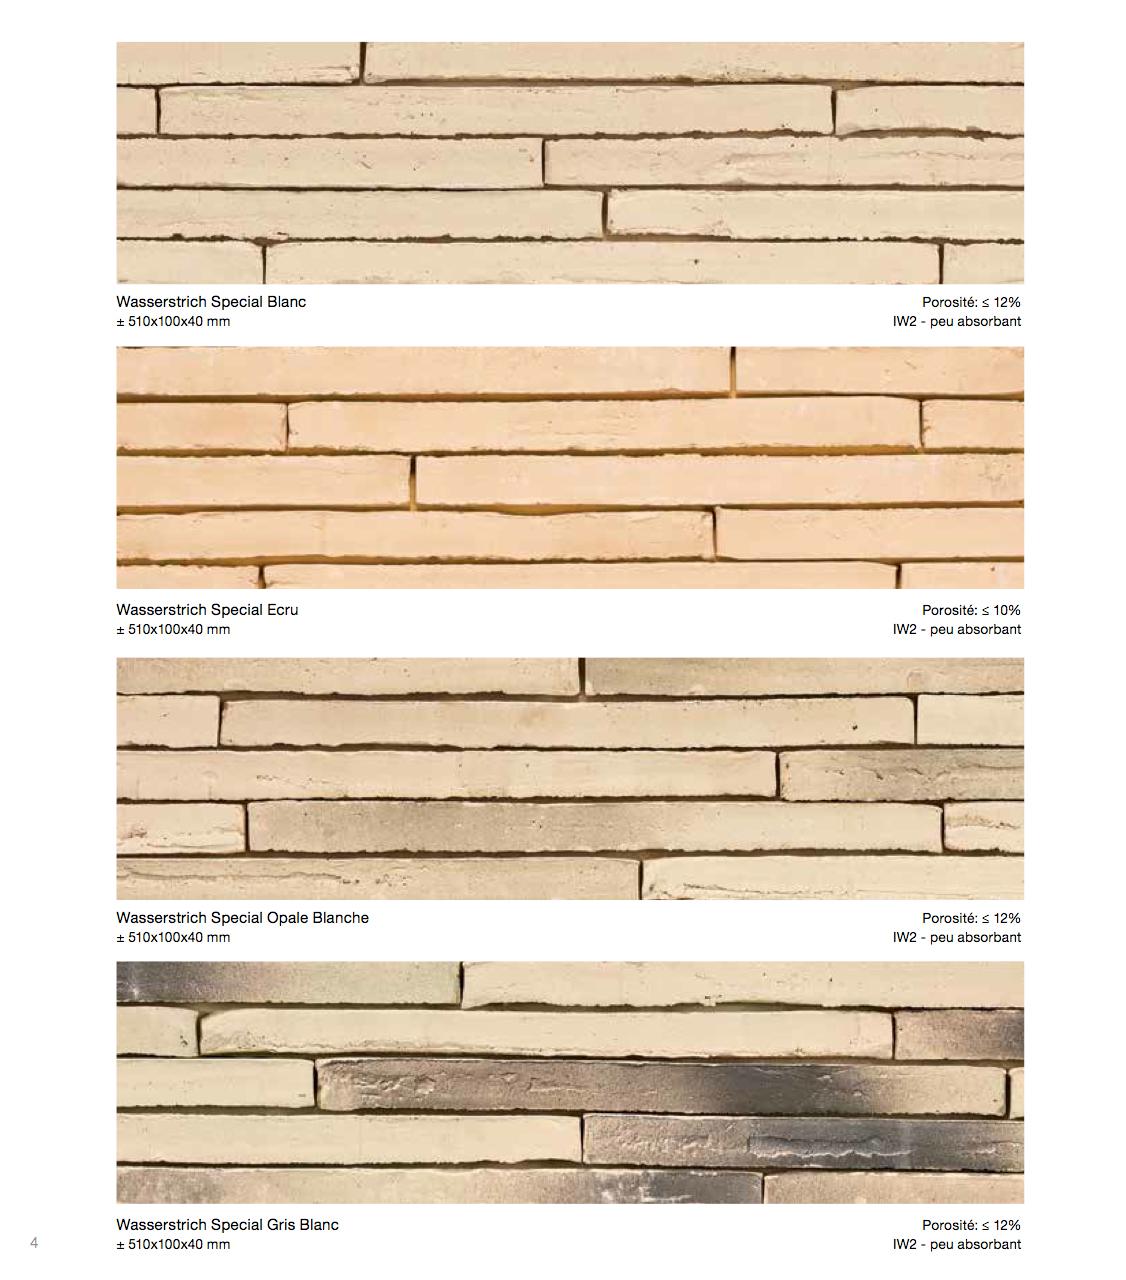 ditail-materiales-construccion-wienerberger-brick-soluciones1